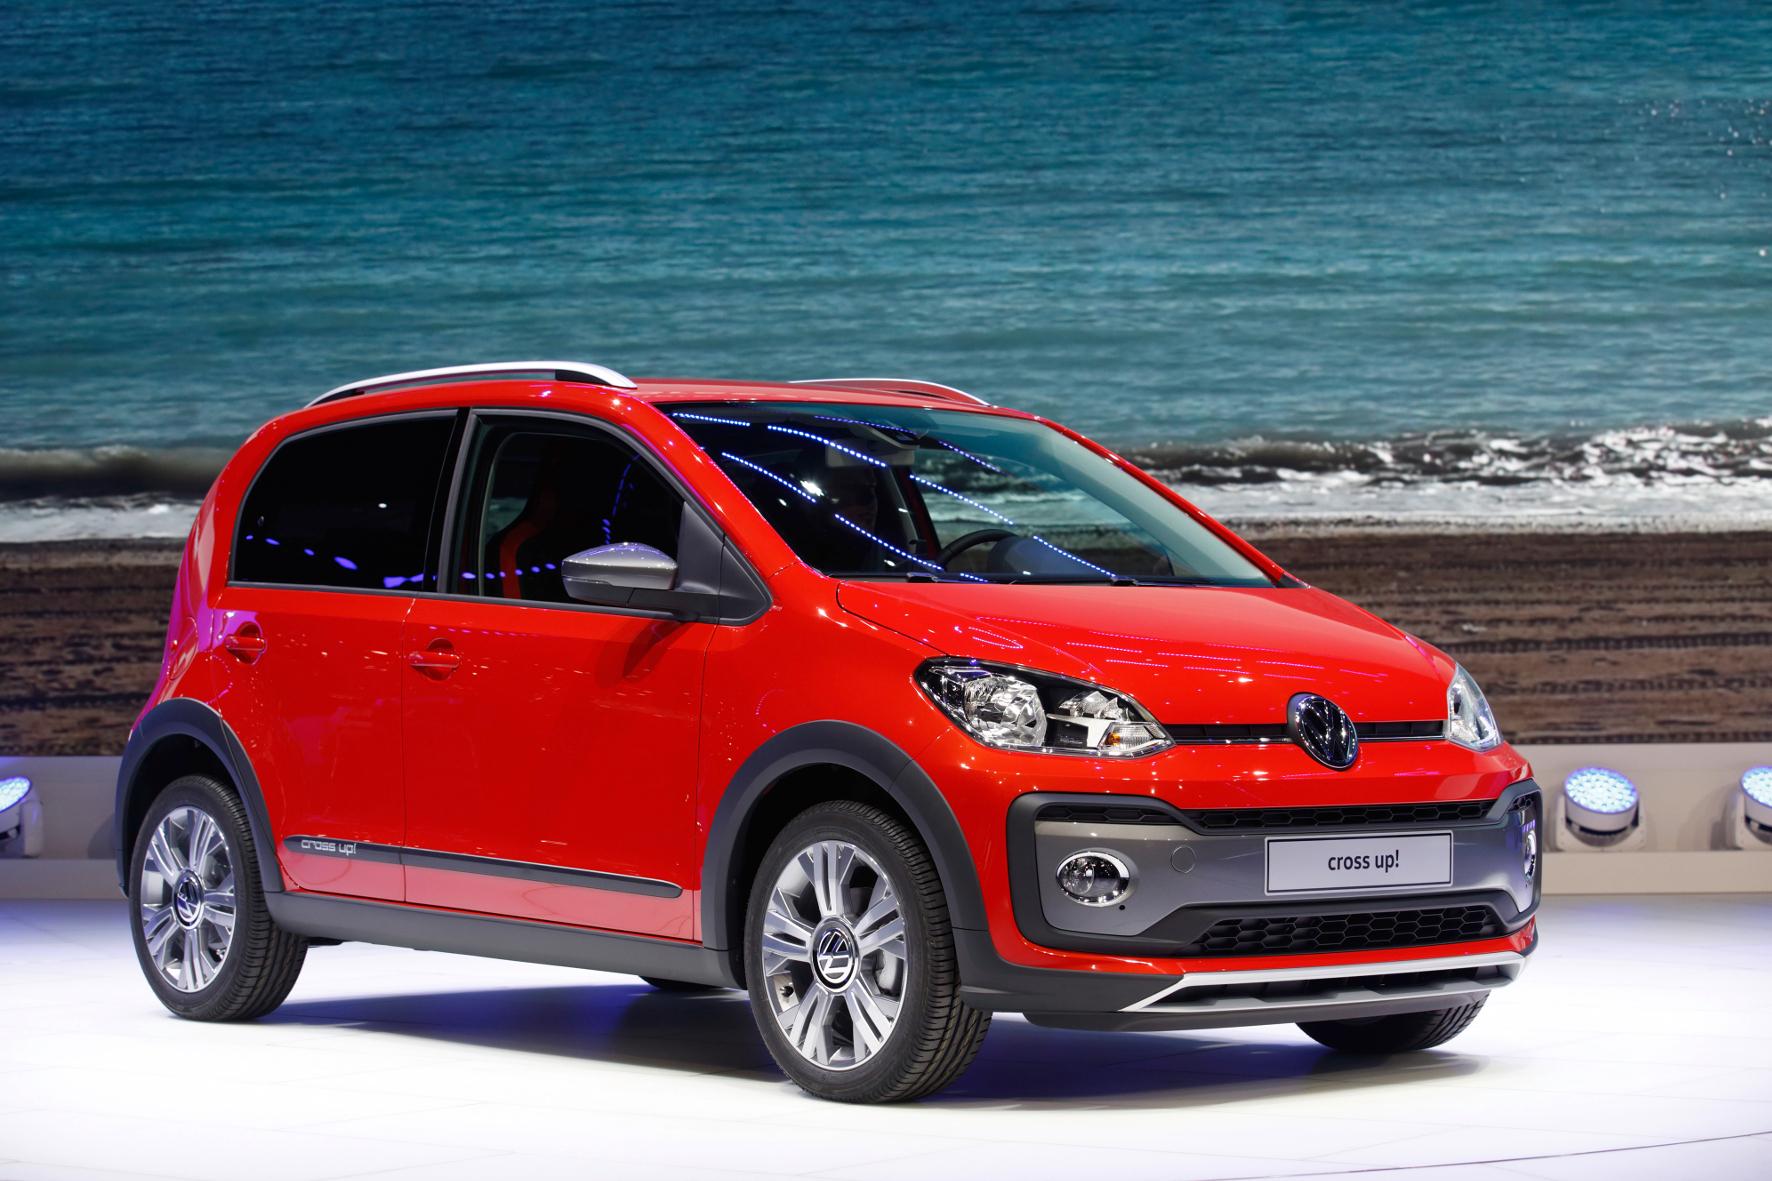 mid Groß-Gerau - Nicht nur für Großstadt-Indianer: der neue VW Cross Up im Offroad-Look.